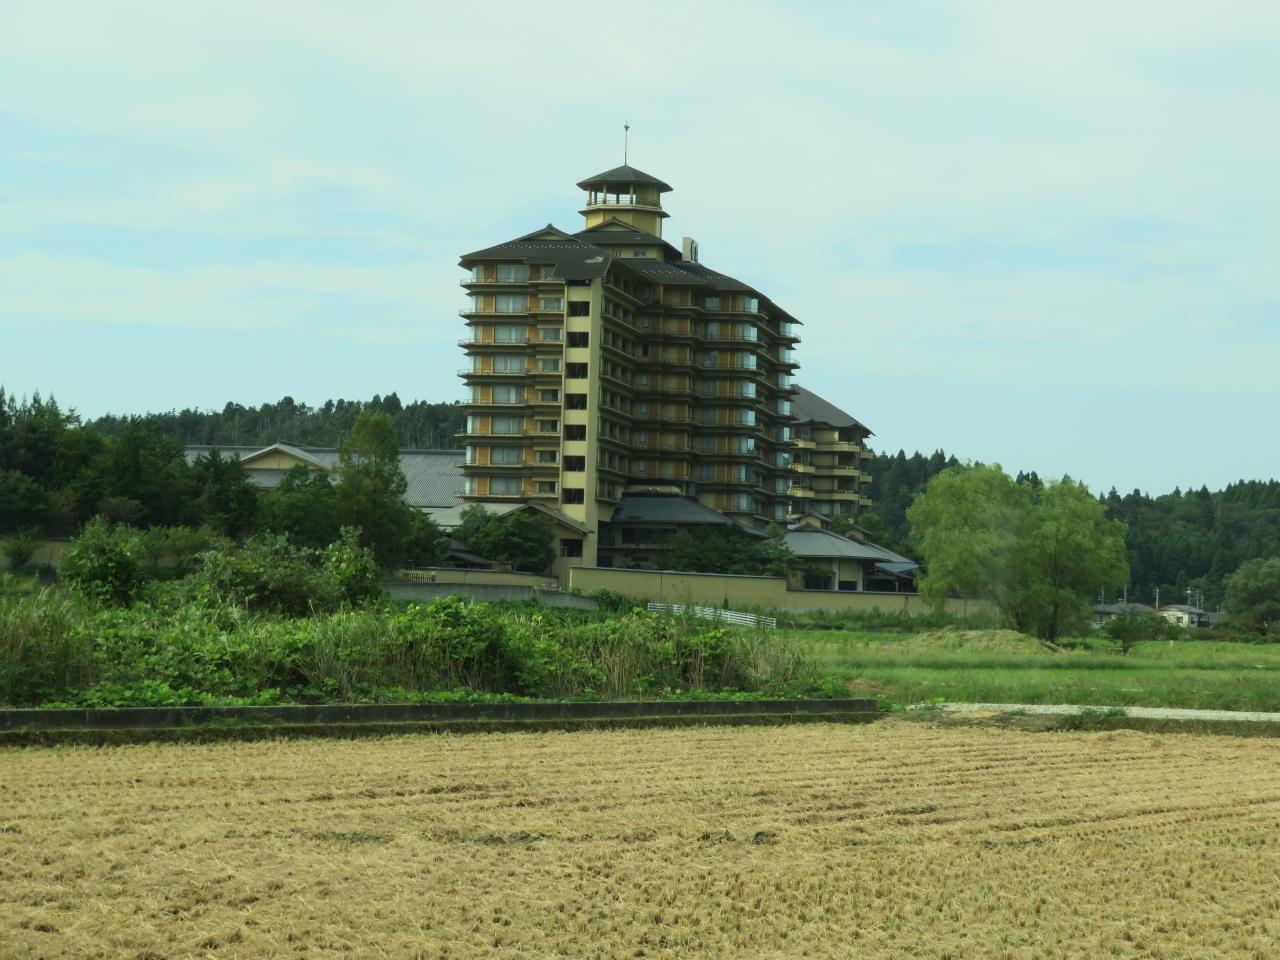 か 新潟 ほう 旅館 日本海北陸 新潟の地魚料理がおいしい温泉旅館